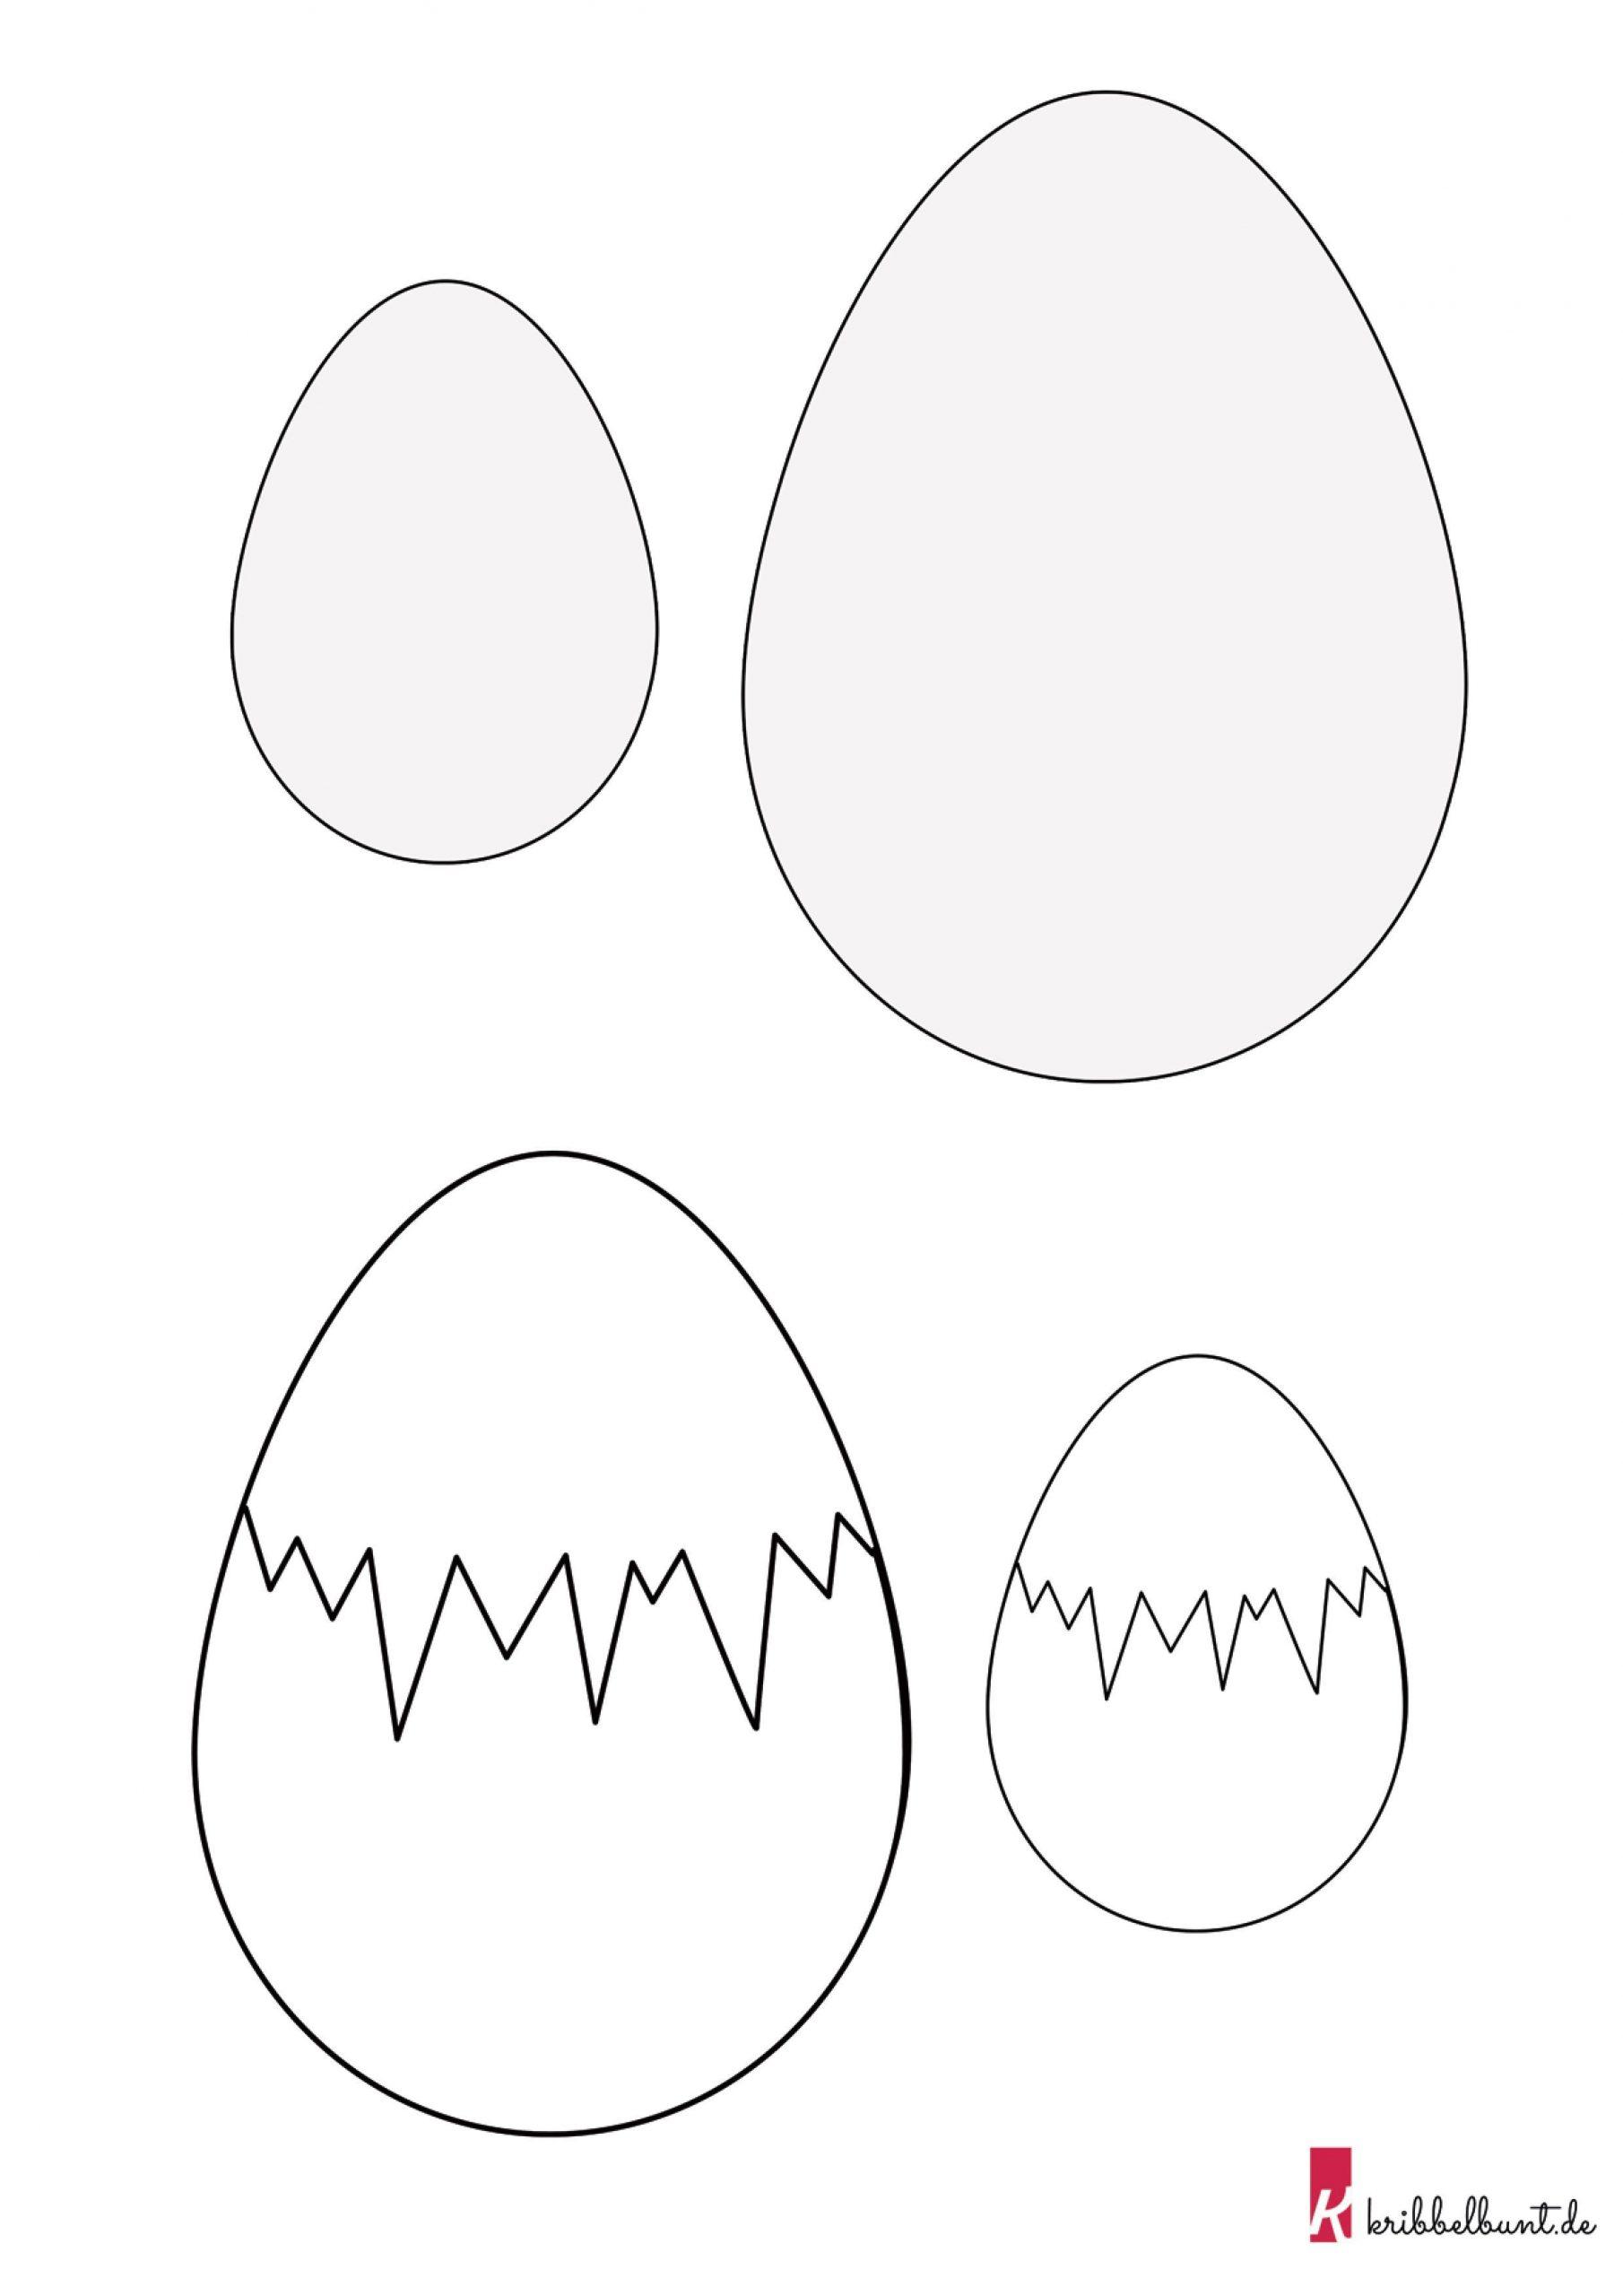 Osterei Vorlage In 2020 | Osterei Vorlage, Bastelvorlagen verwandt mit Ostereier Vorlagen